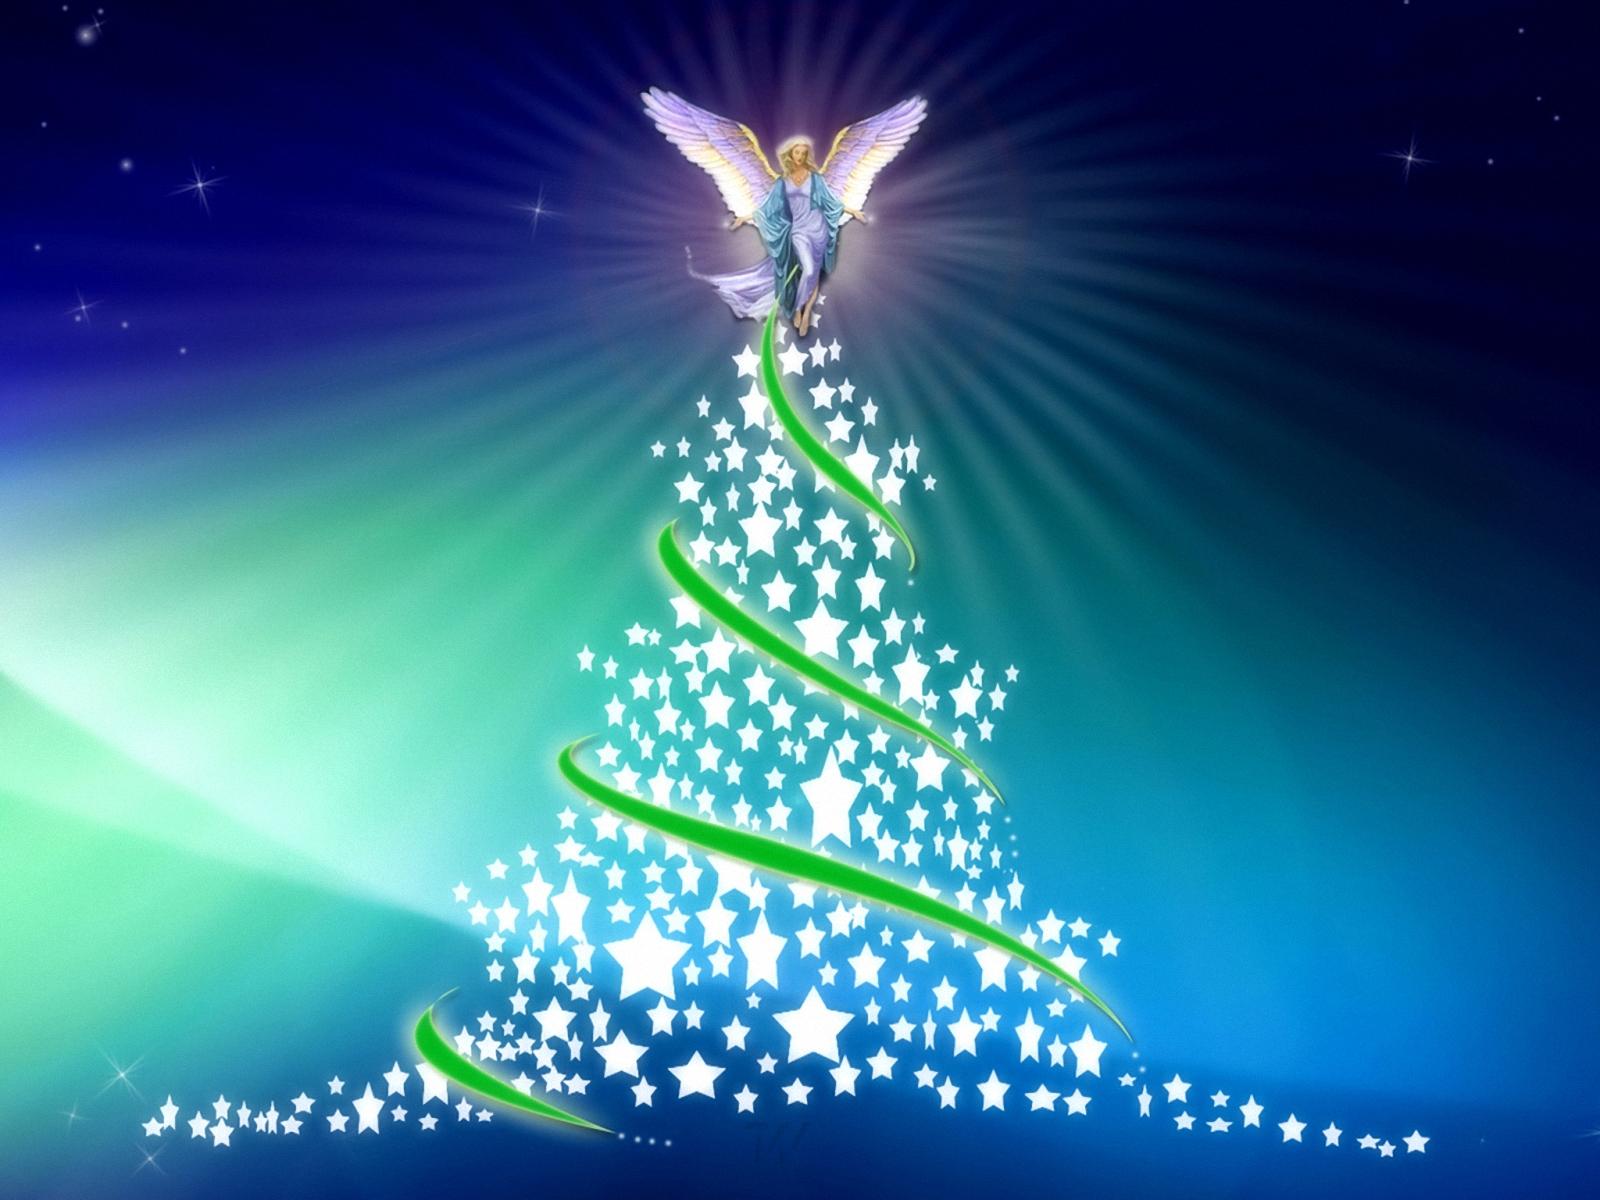 Felicitaci n de navidad aprendices del mundo for Fotos arbol navidad